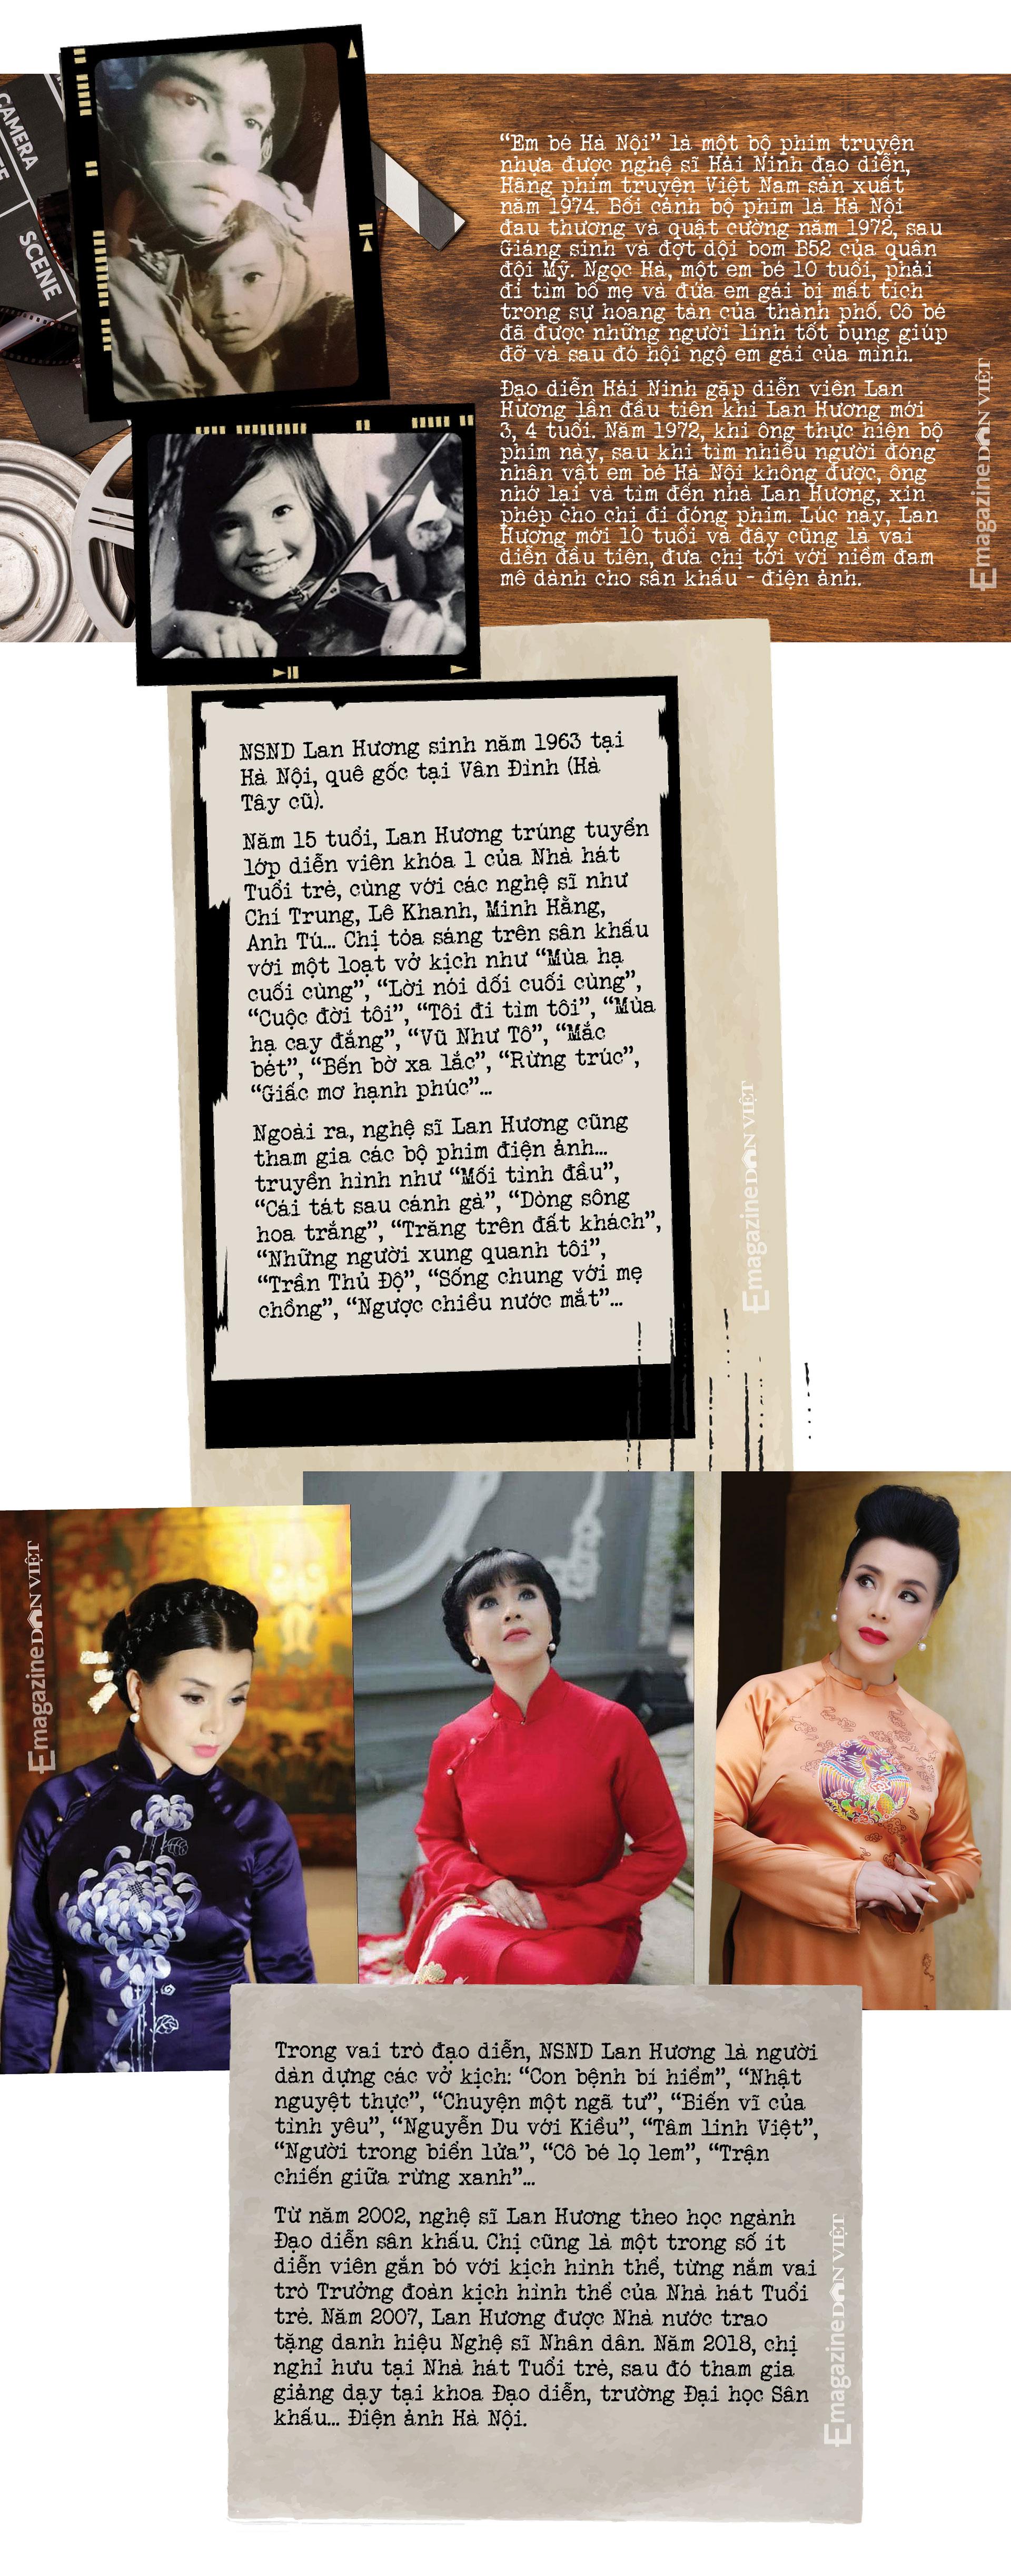 NSND Lan Hương: Tôi chưa bao giờ nghĩ, mình có thể rời xa được Hà Nội  - Ảnh 17.